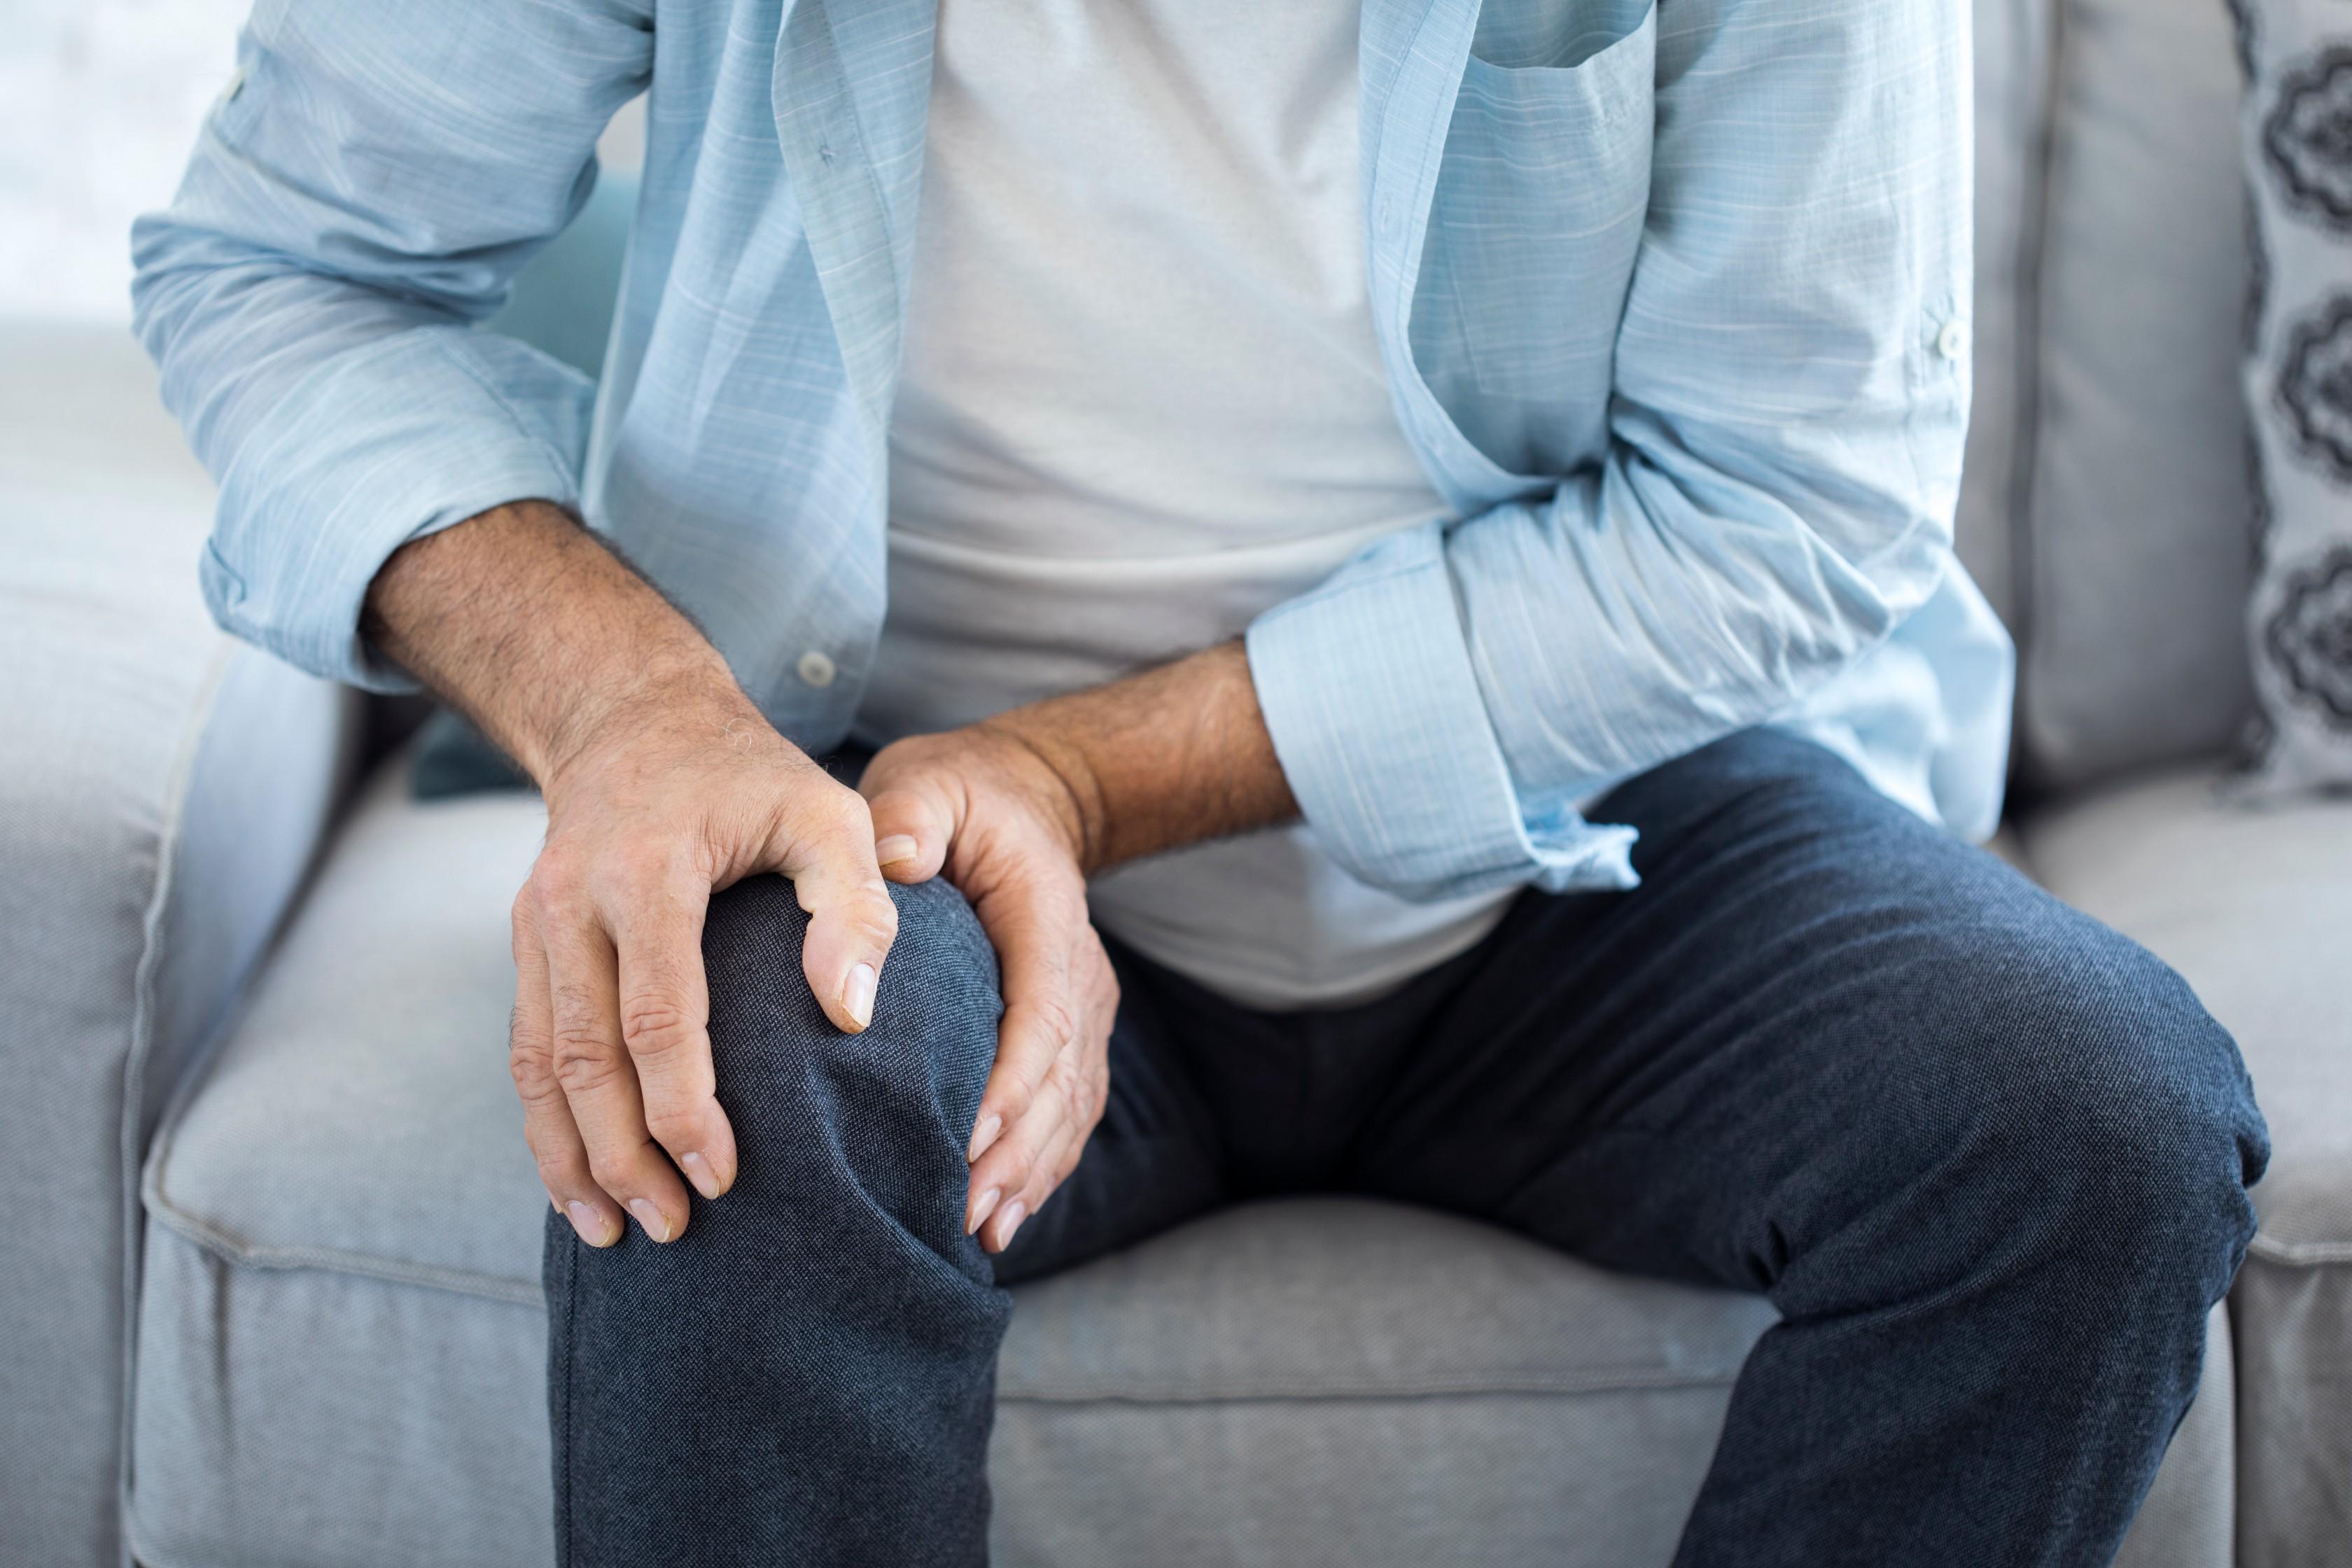 Diprasil gyógyszer ízületi fájdalmak kezelésére - Az ízületek fájnak, amit meg kell tenni